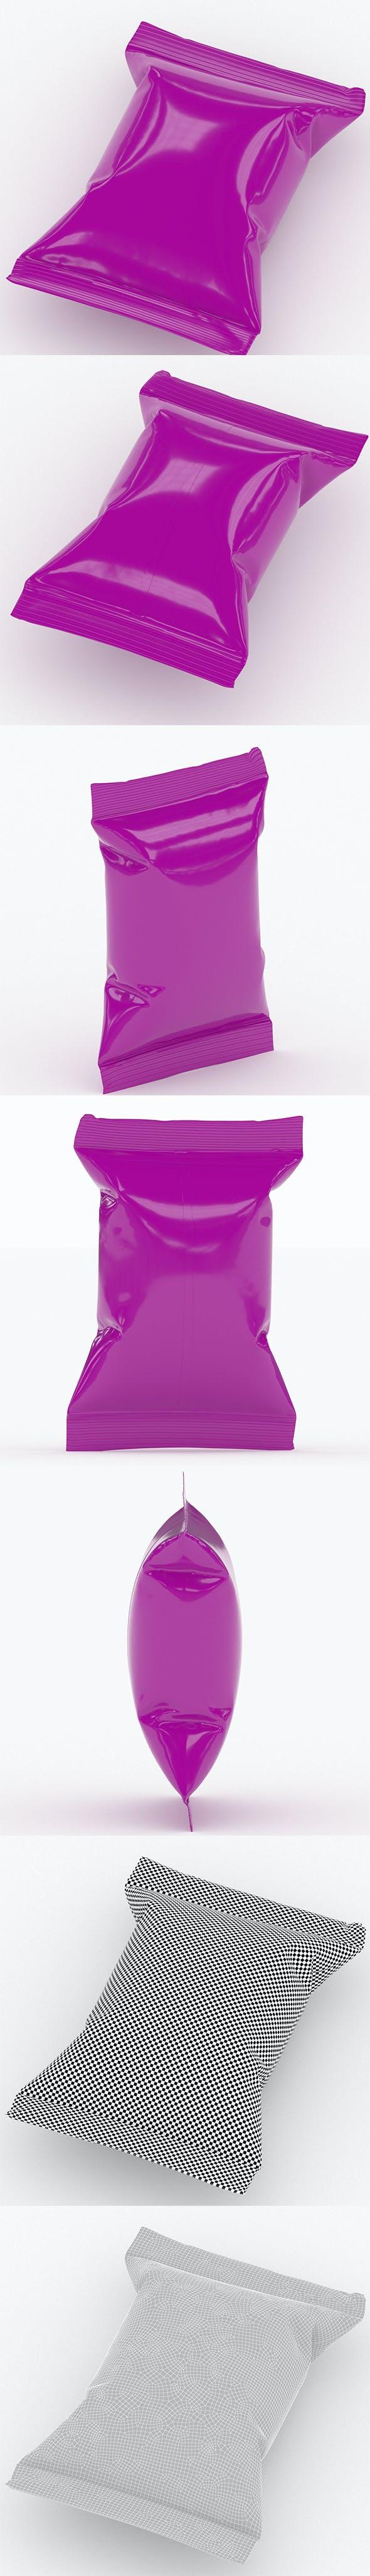 Food packaging v5 - 3DOcean Item for Sale